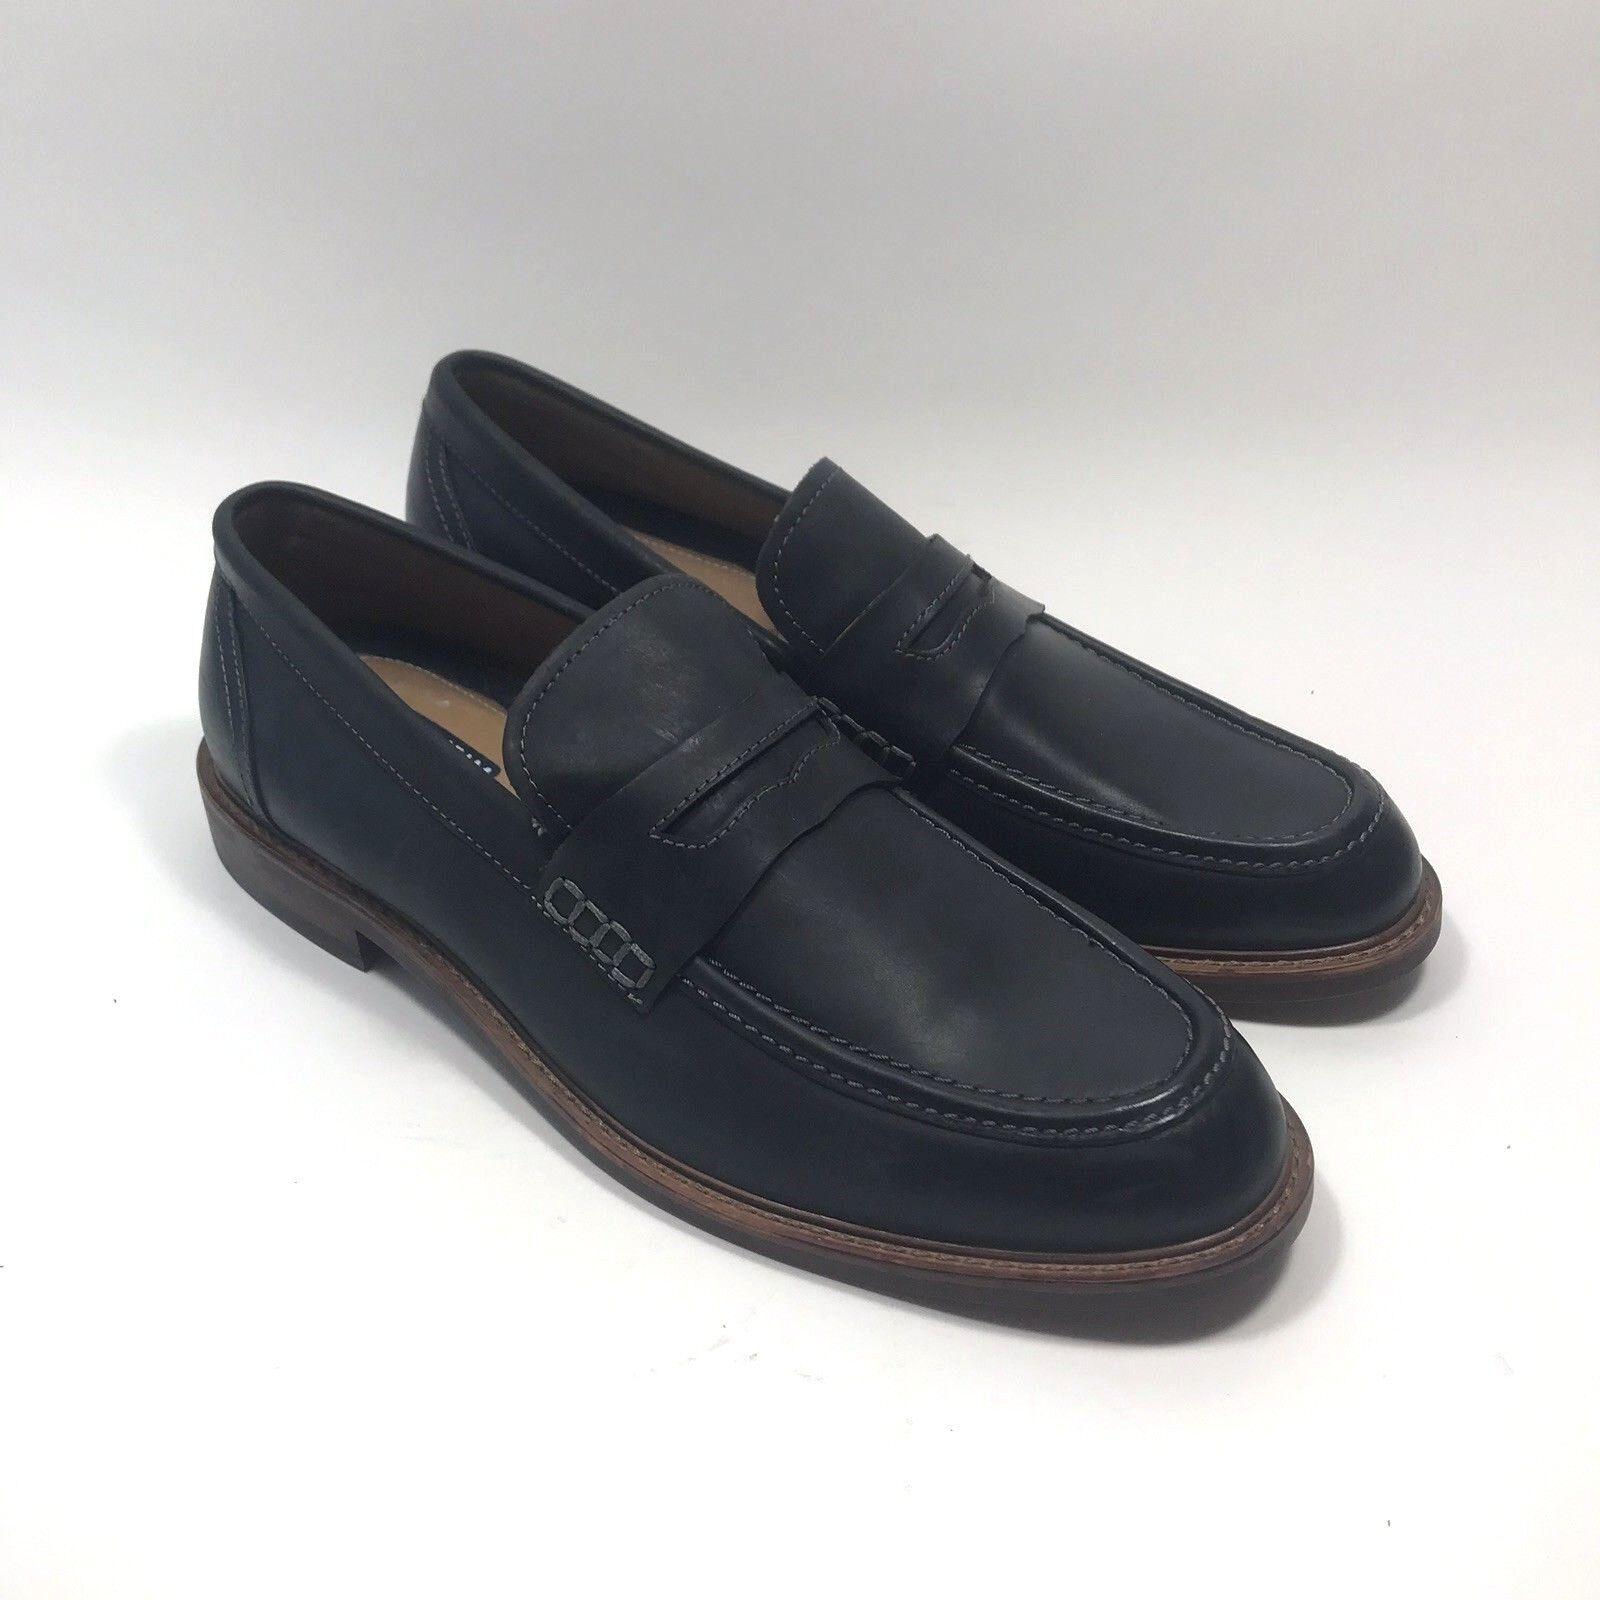 Florsheim Genuino Cuero Negro Mocasín Zapato de vestir para hombre